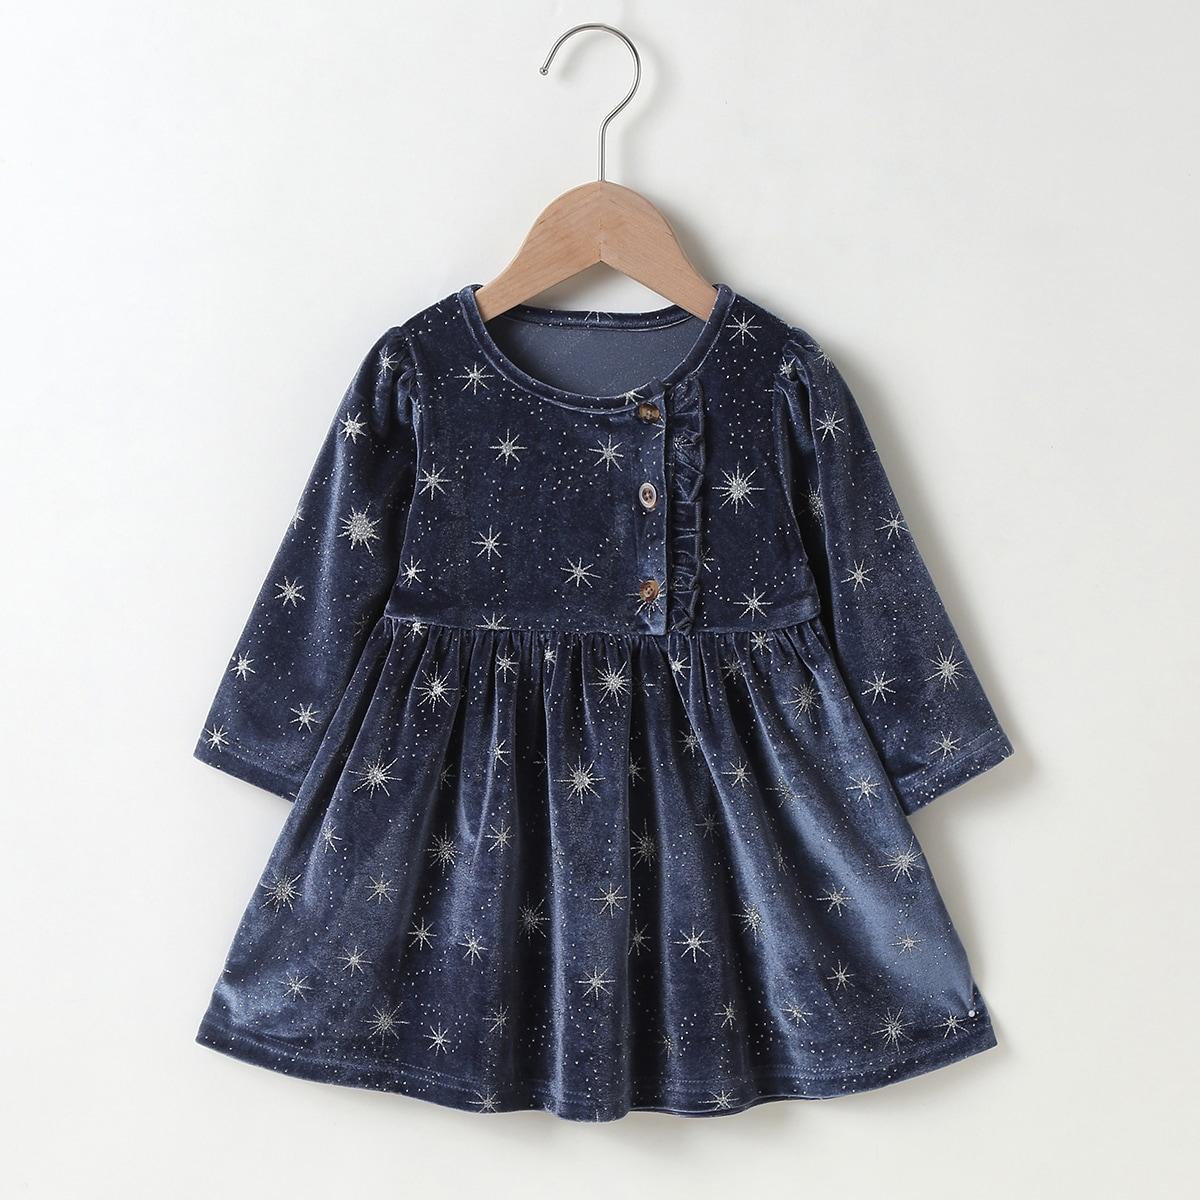 shein Betoverend Melkweg Baby-jurk Rimpeling